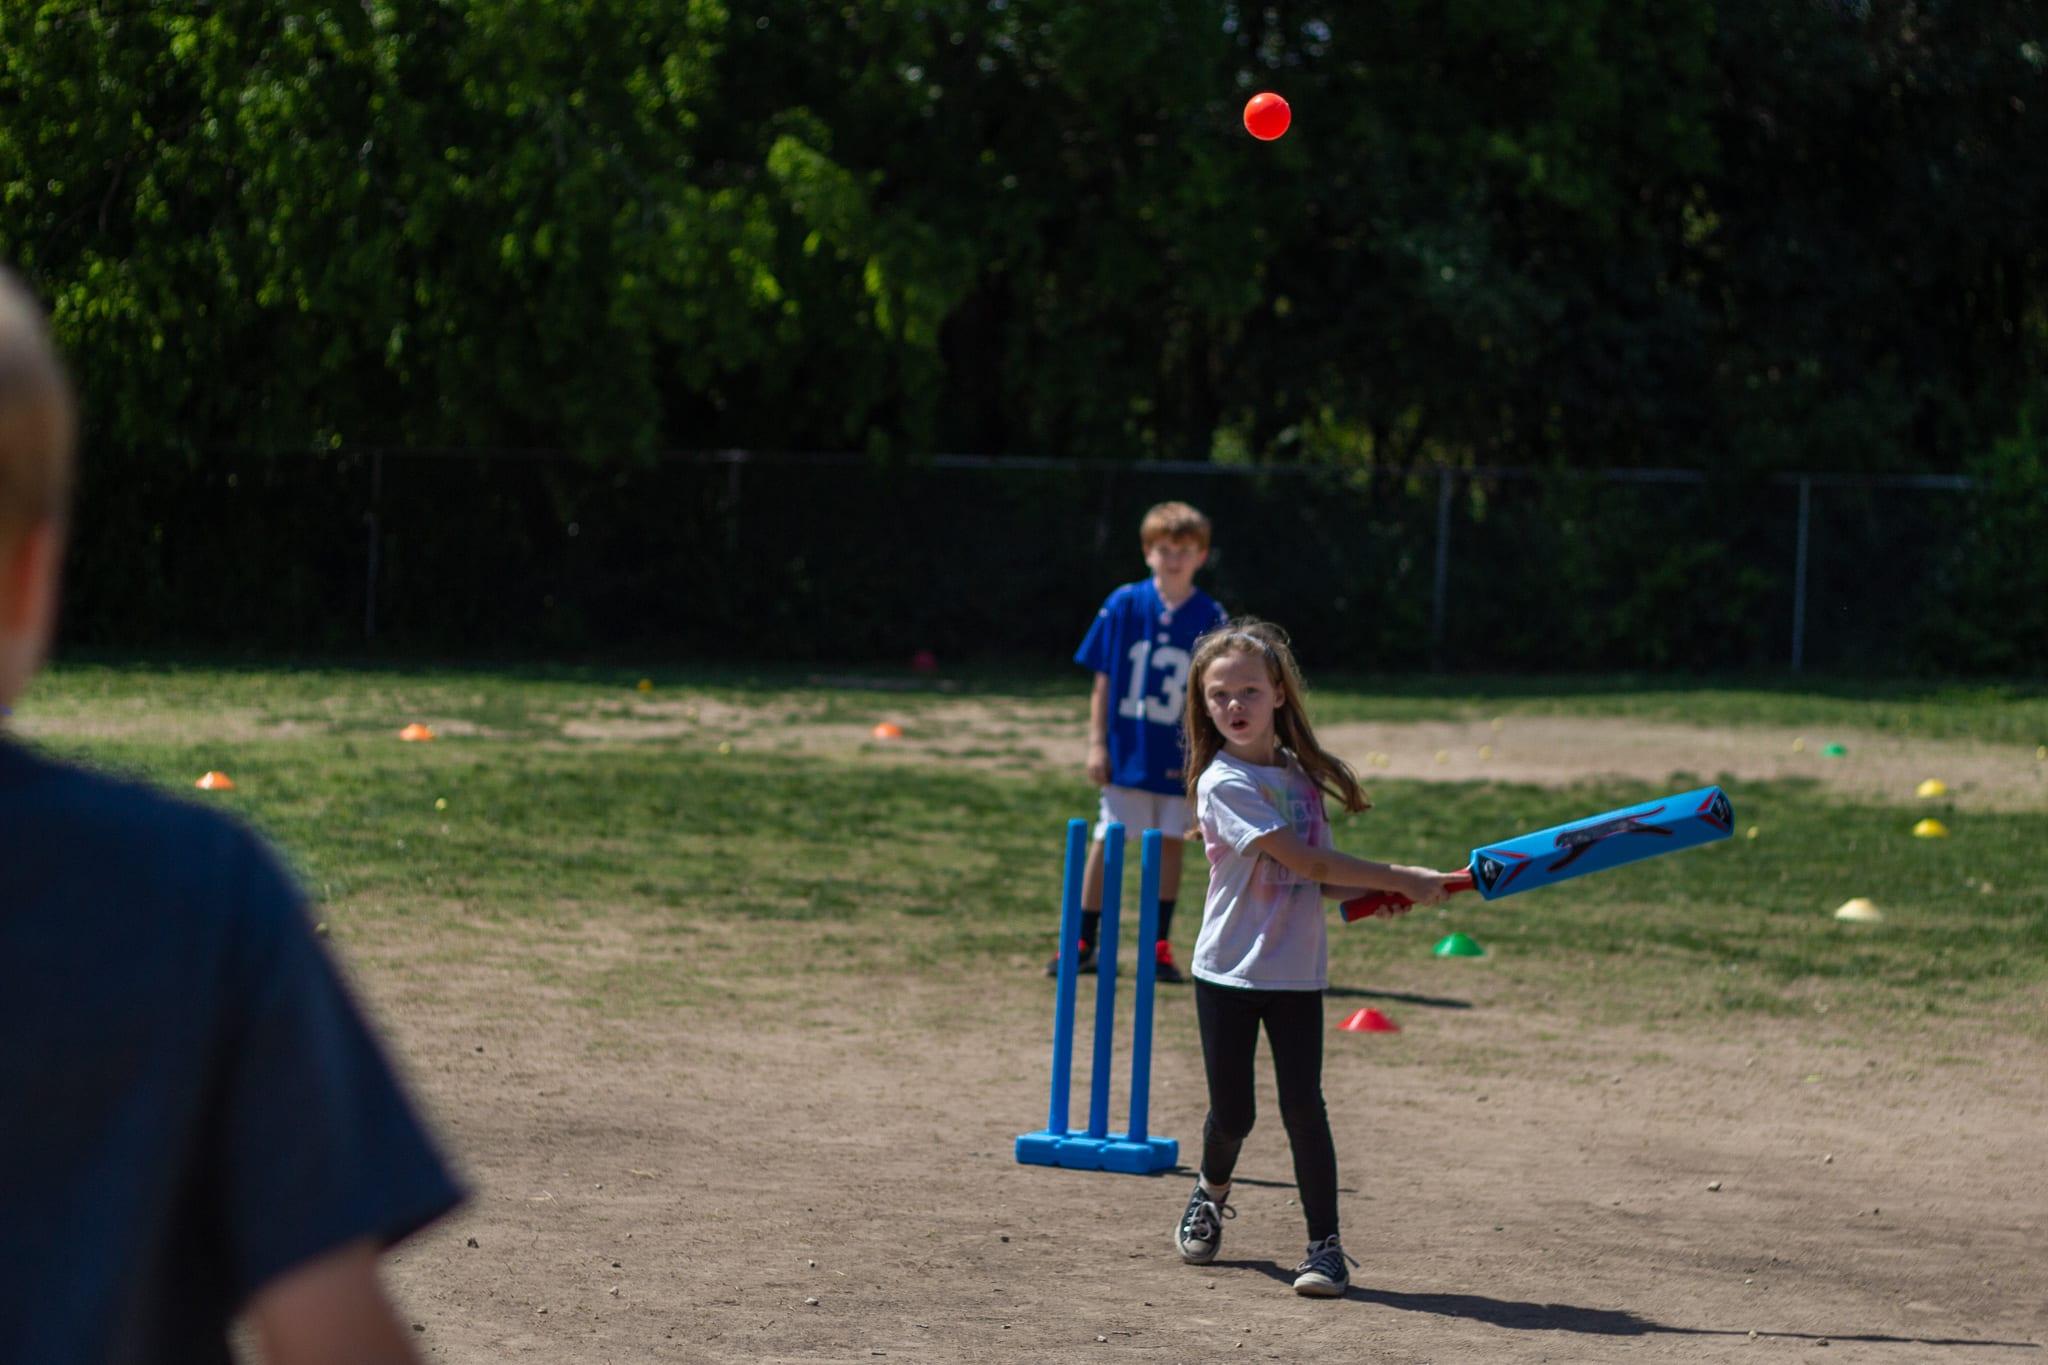 little girl batting cricket ball